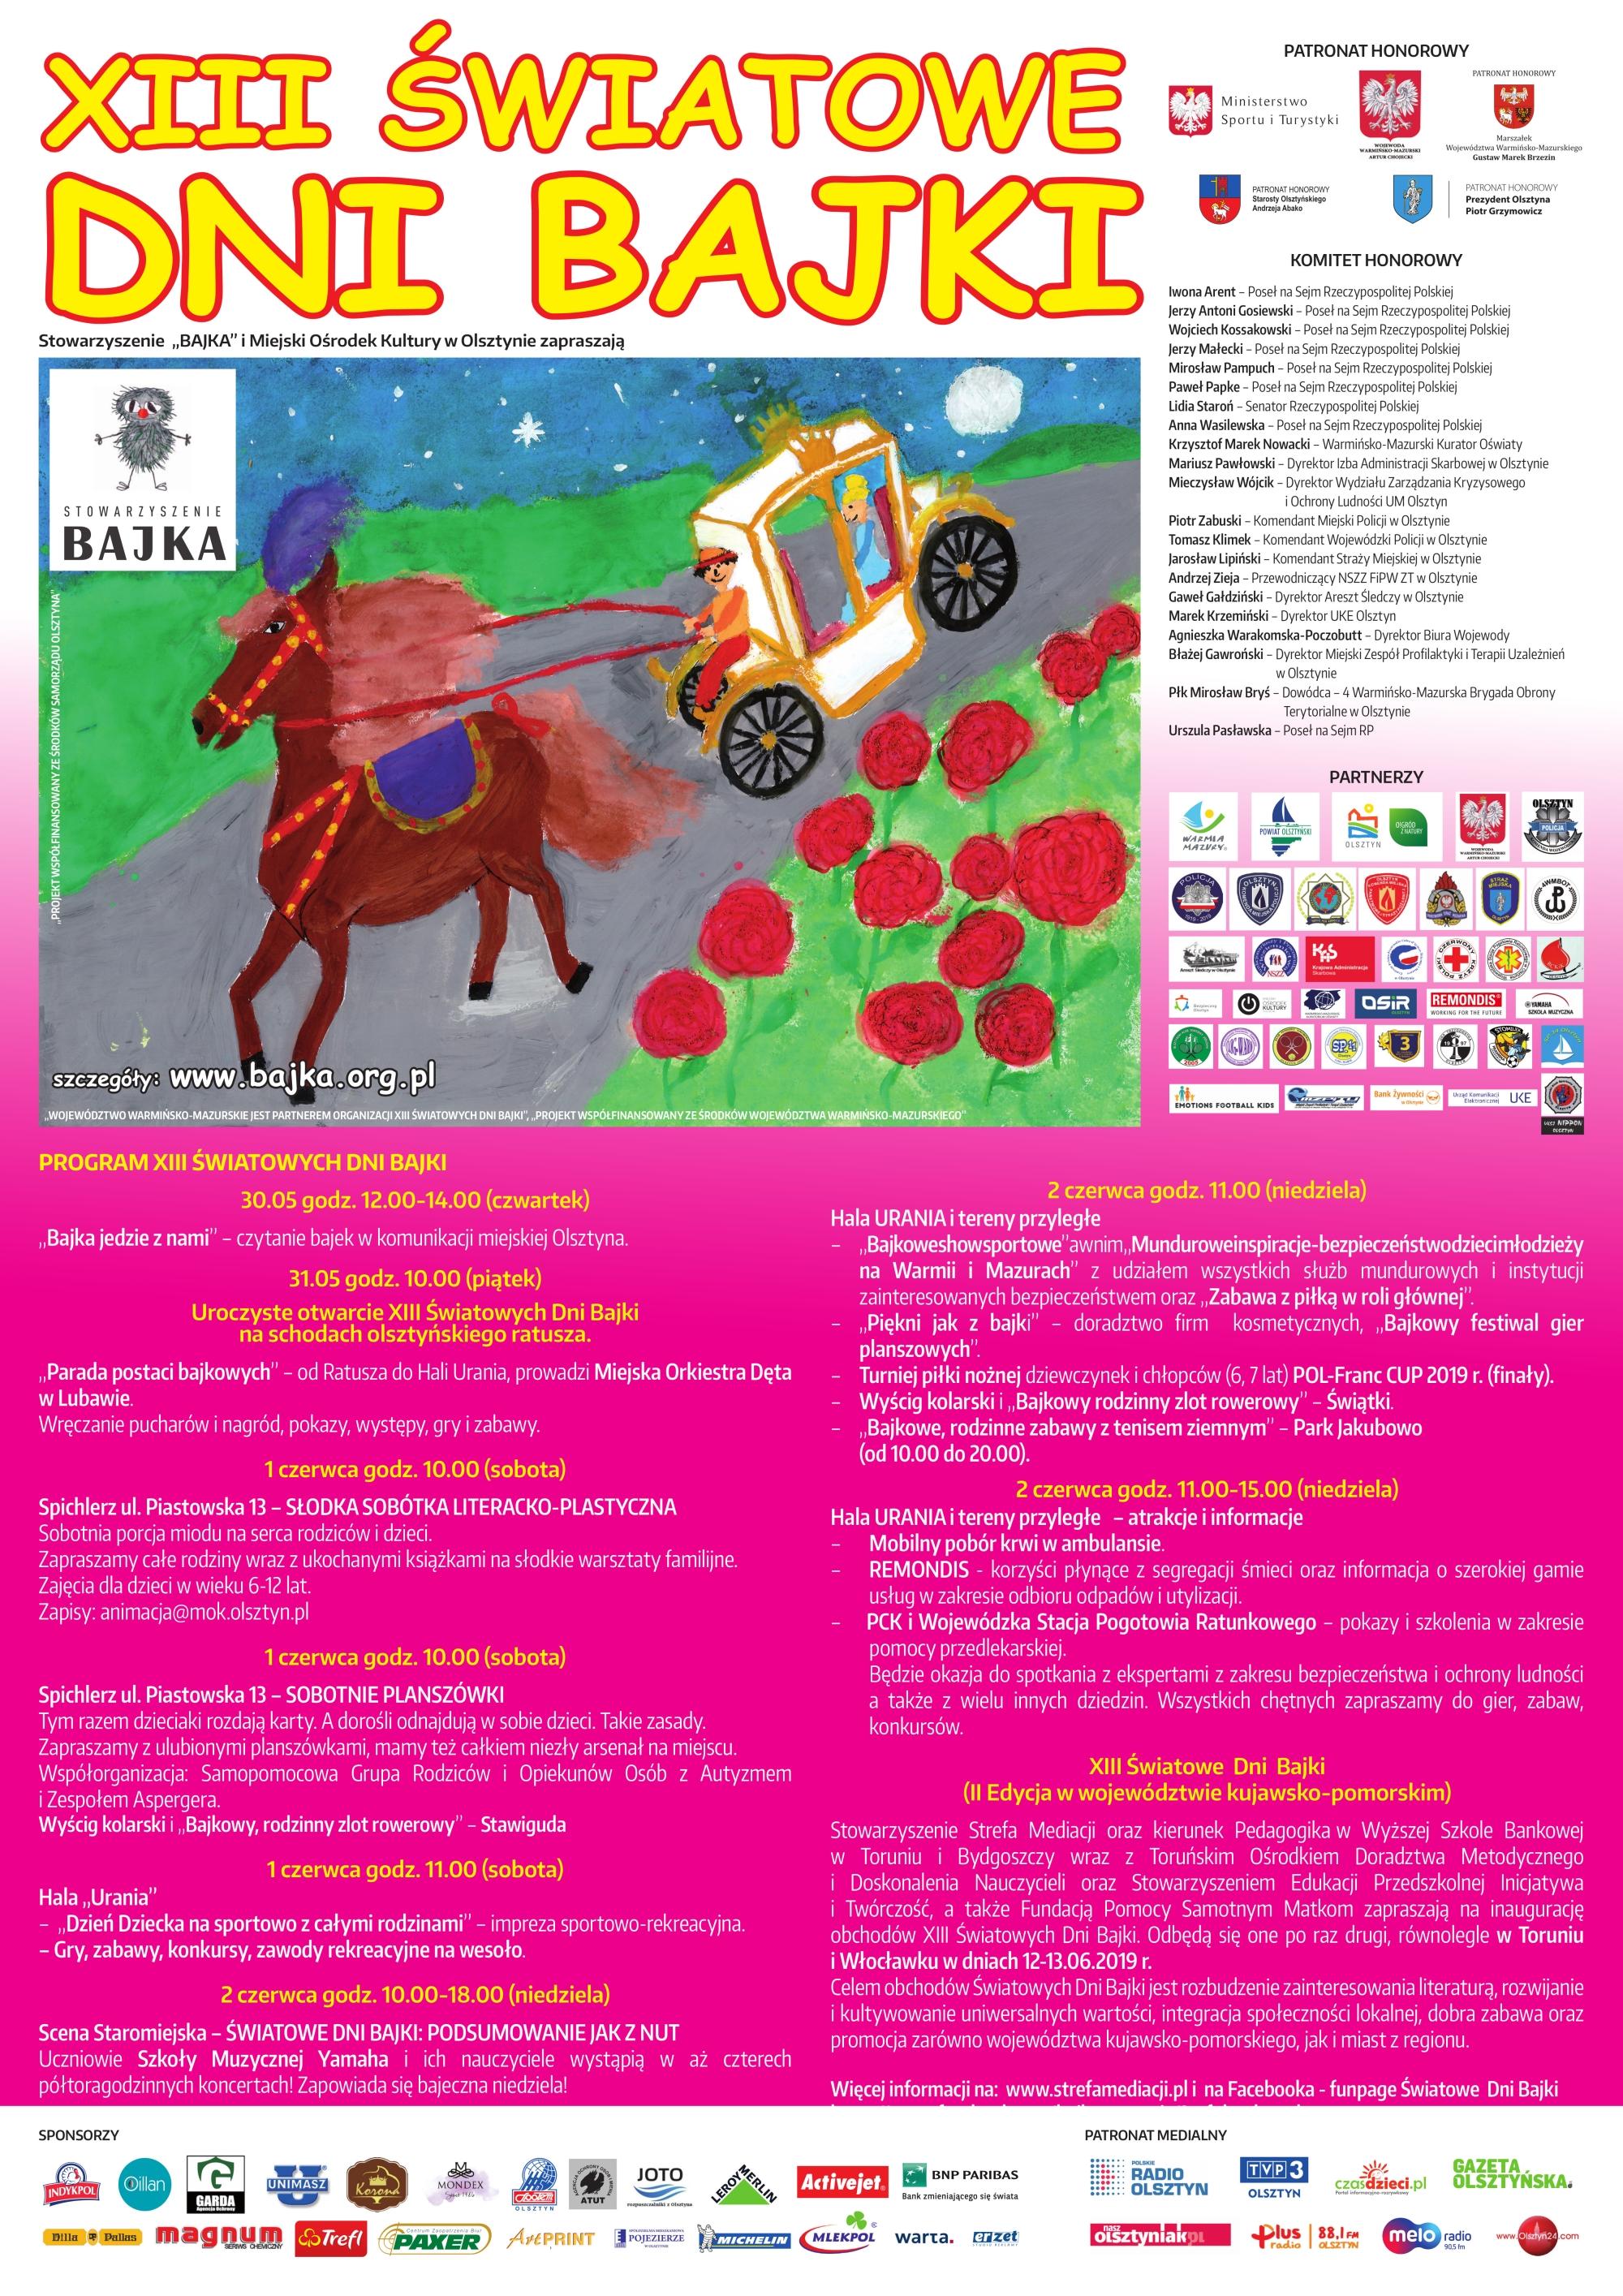 Plakat Xiii światowych Dni Bajki